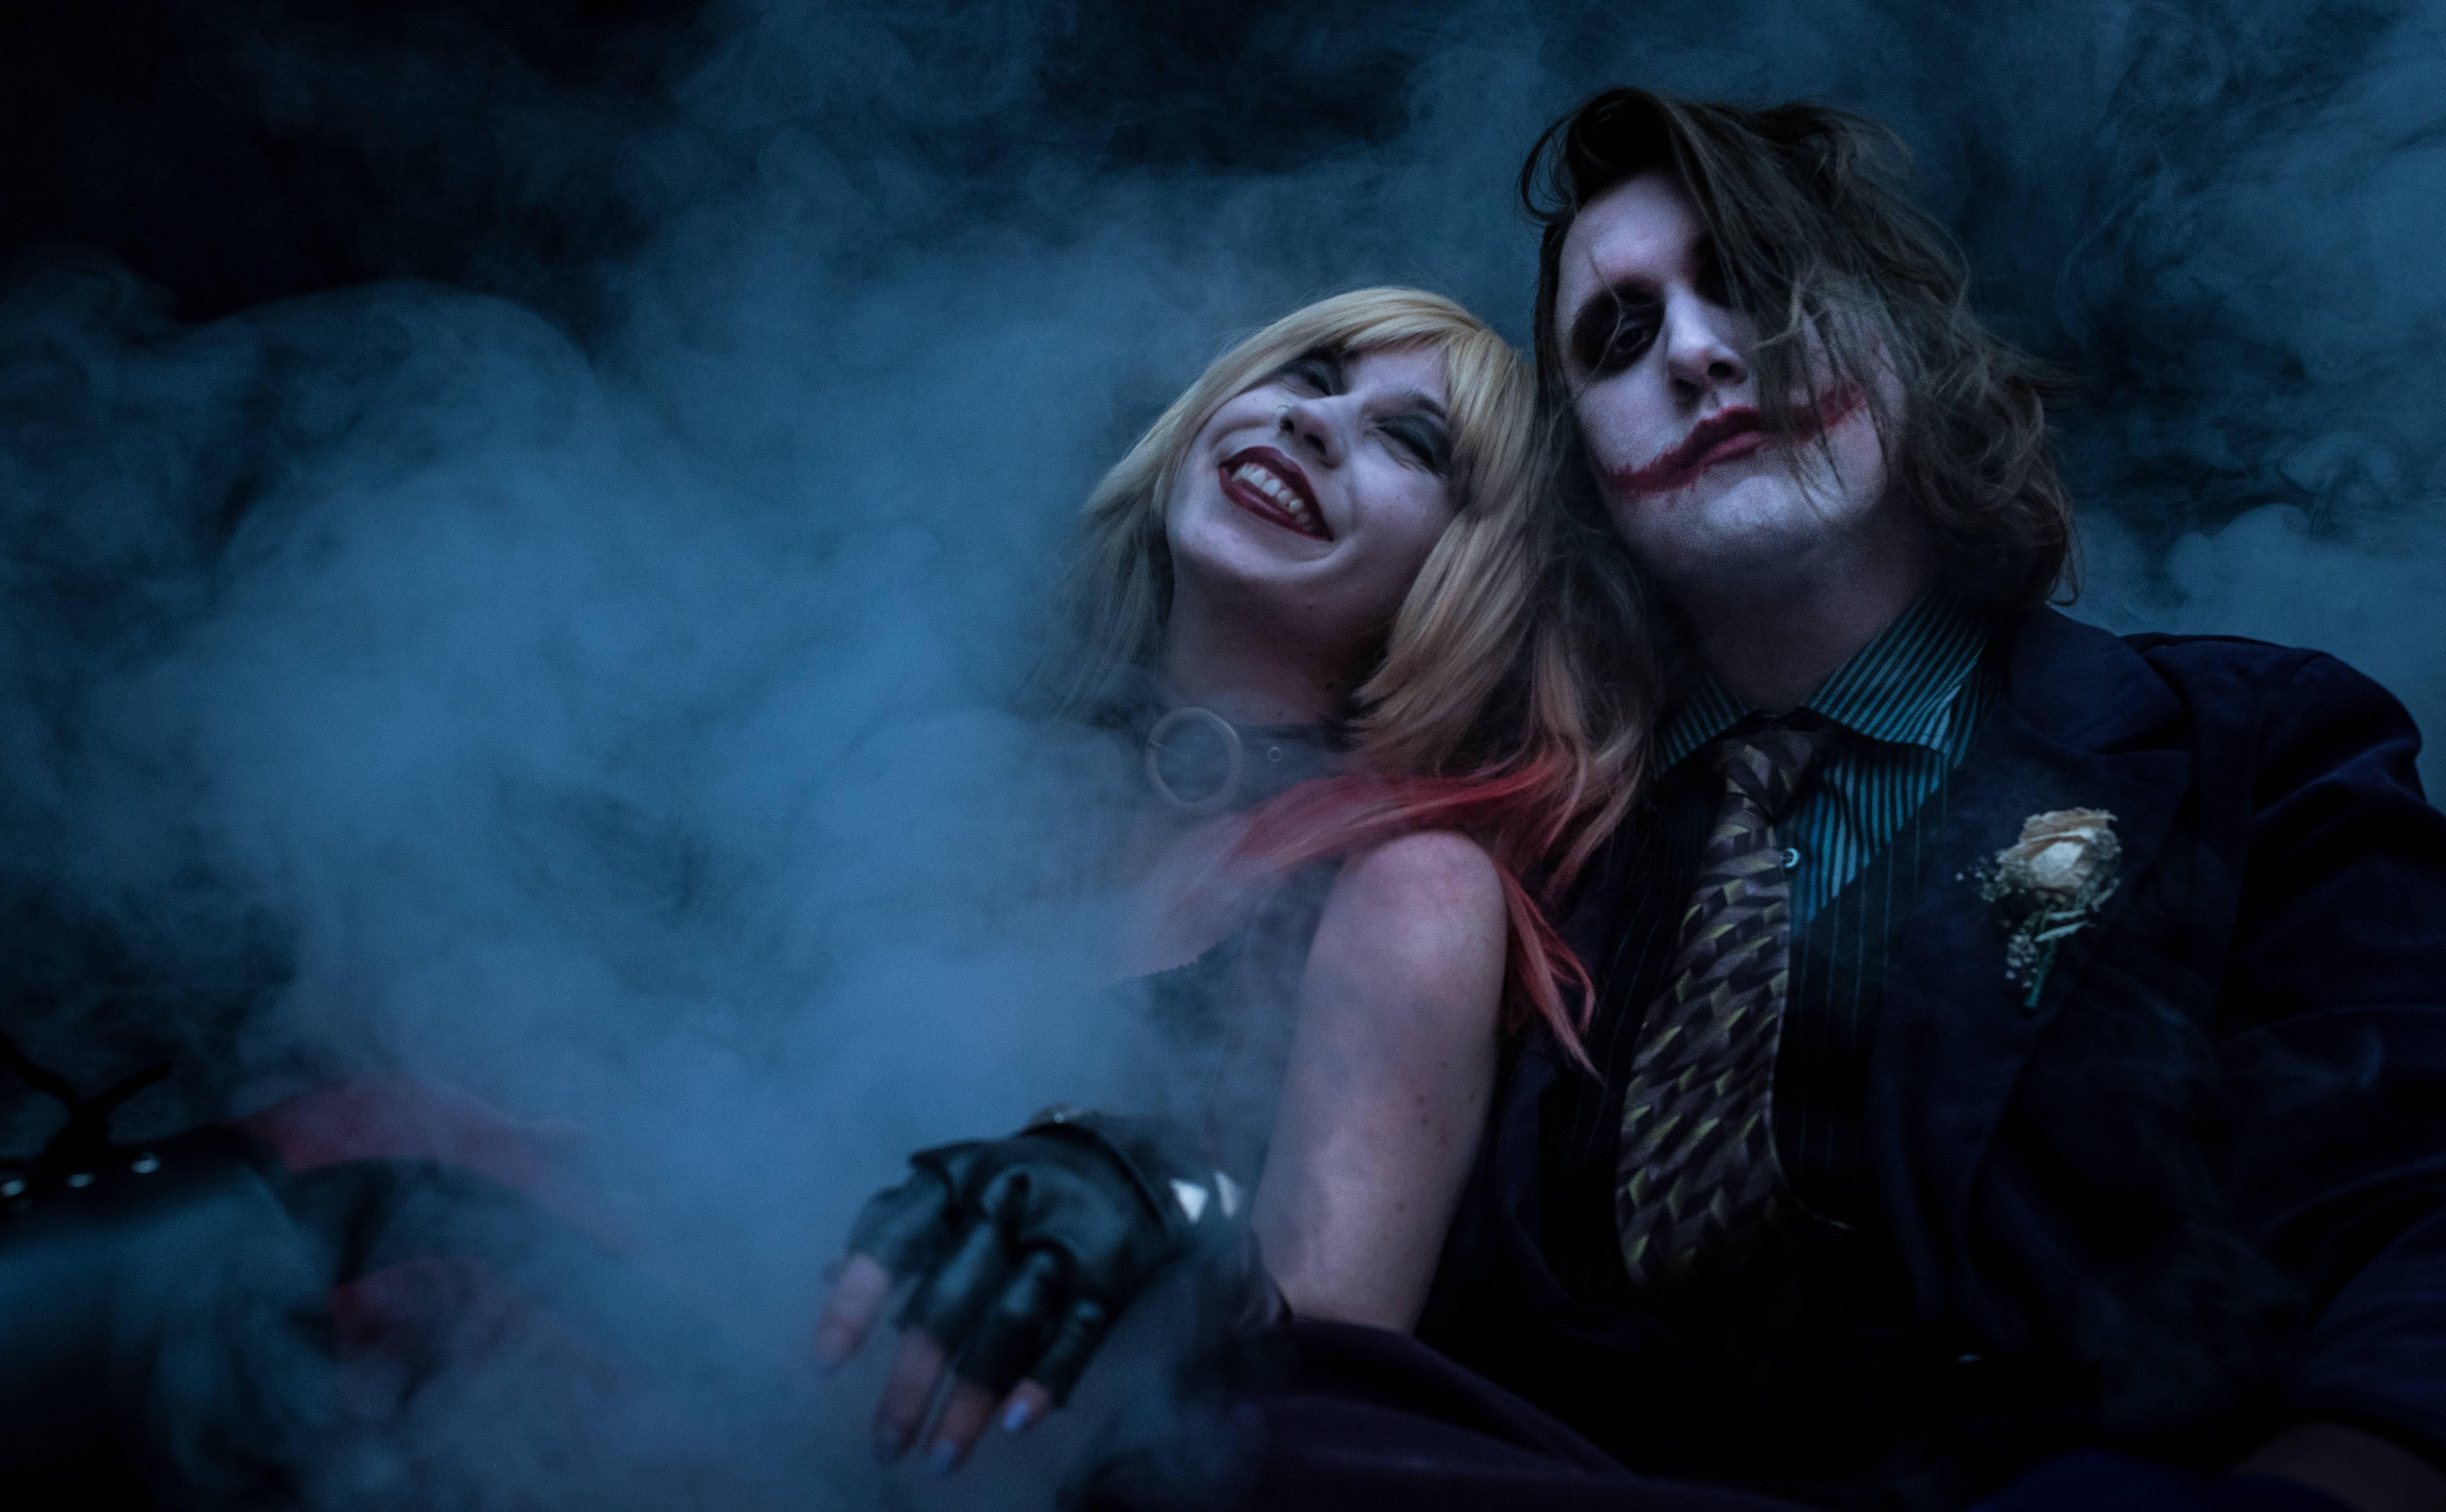 joker and harley quinn 5k cosplay gr